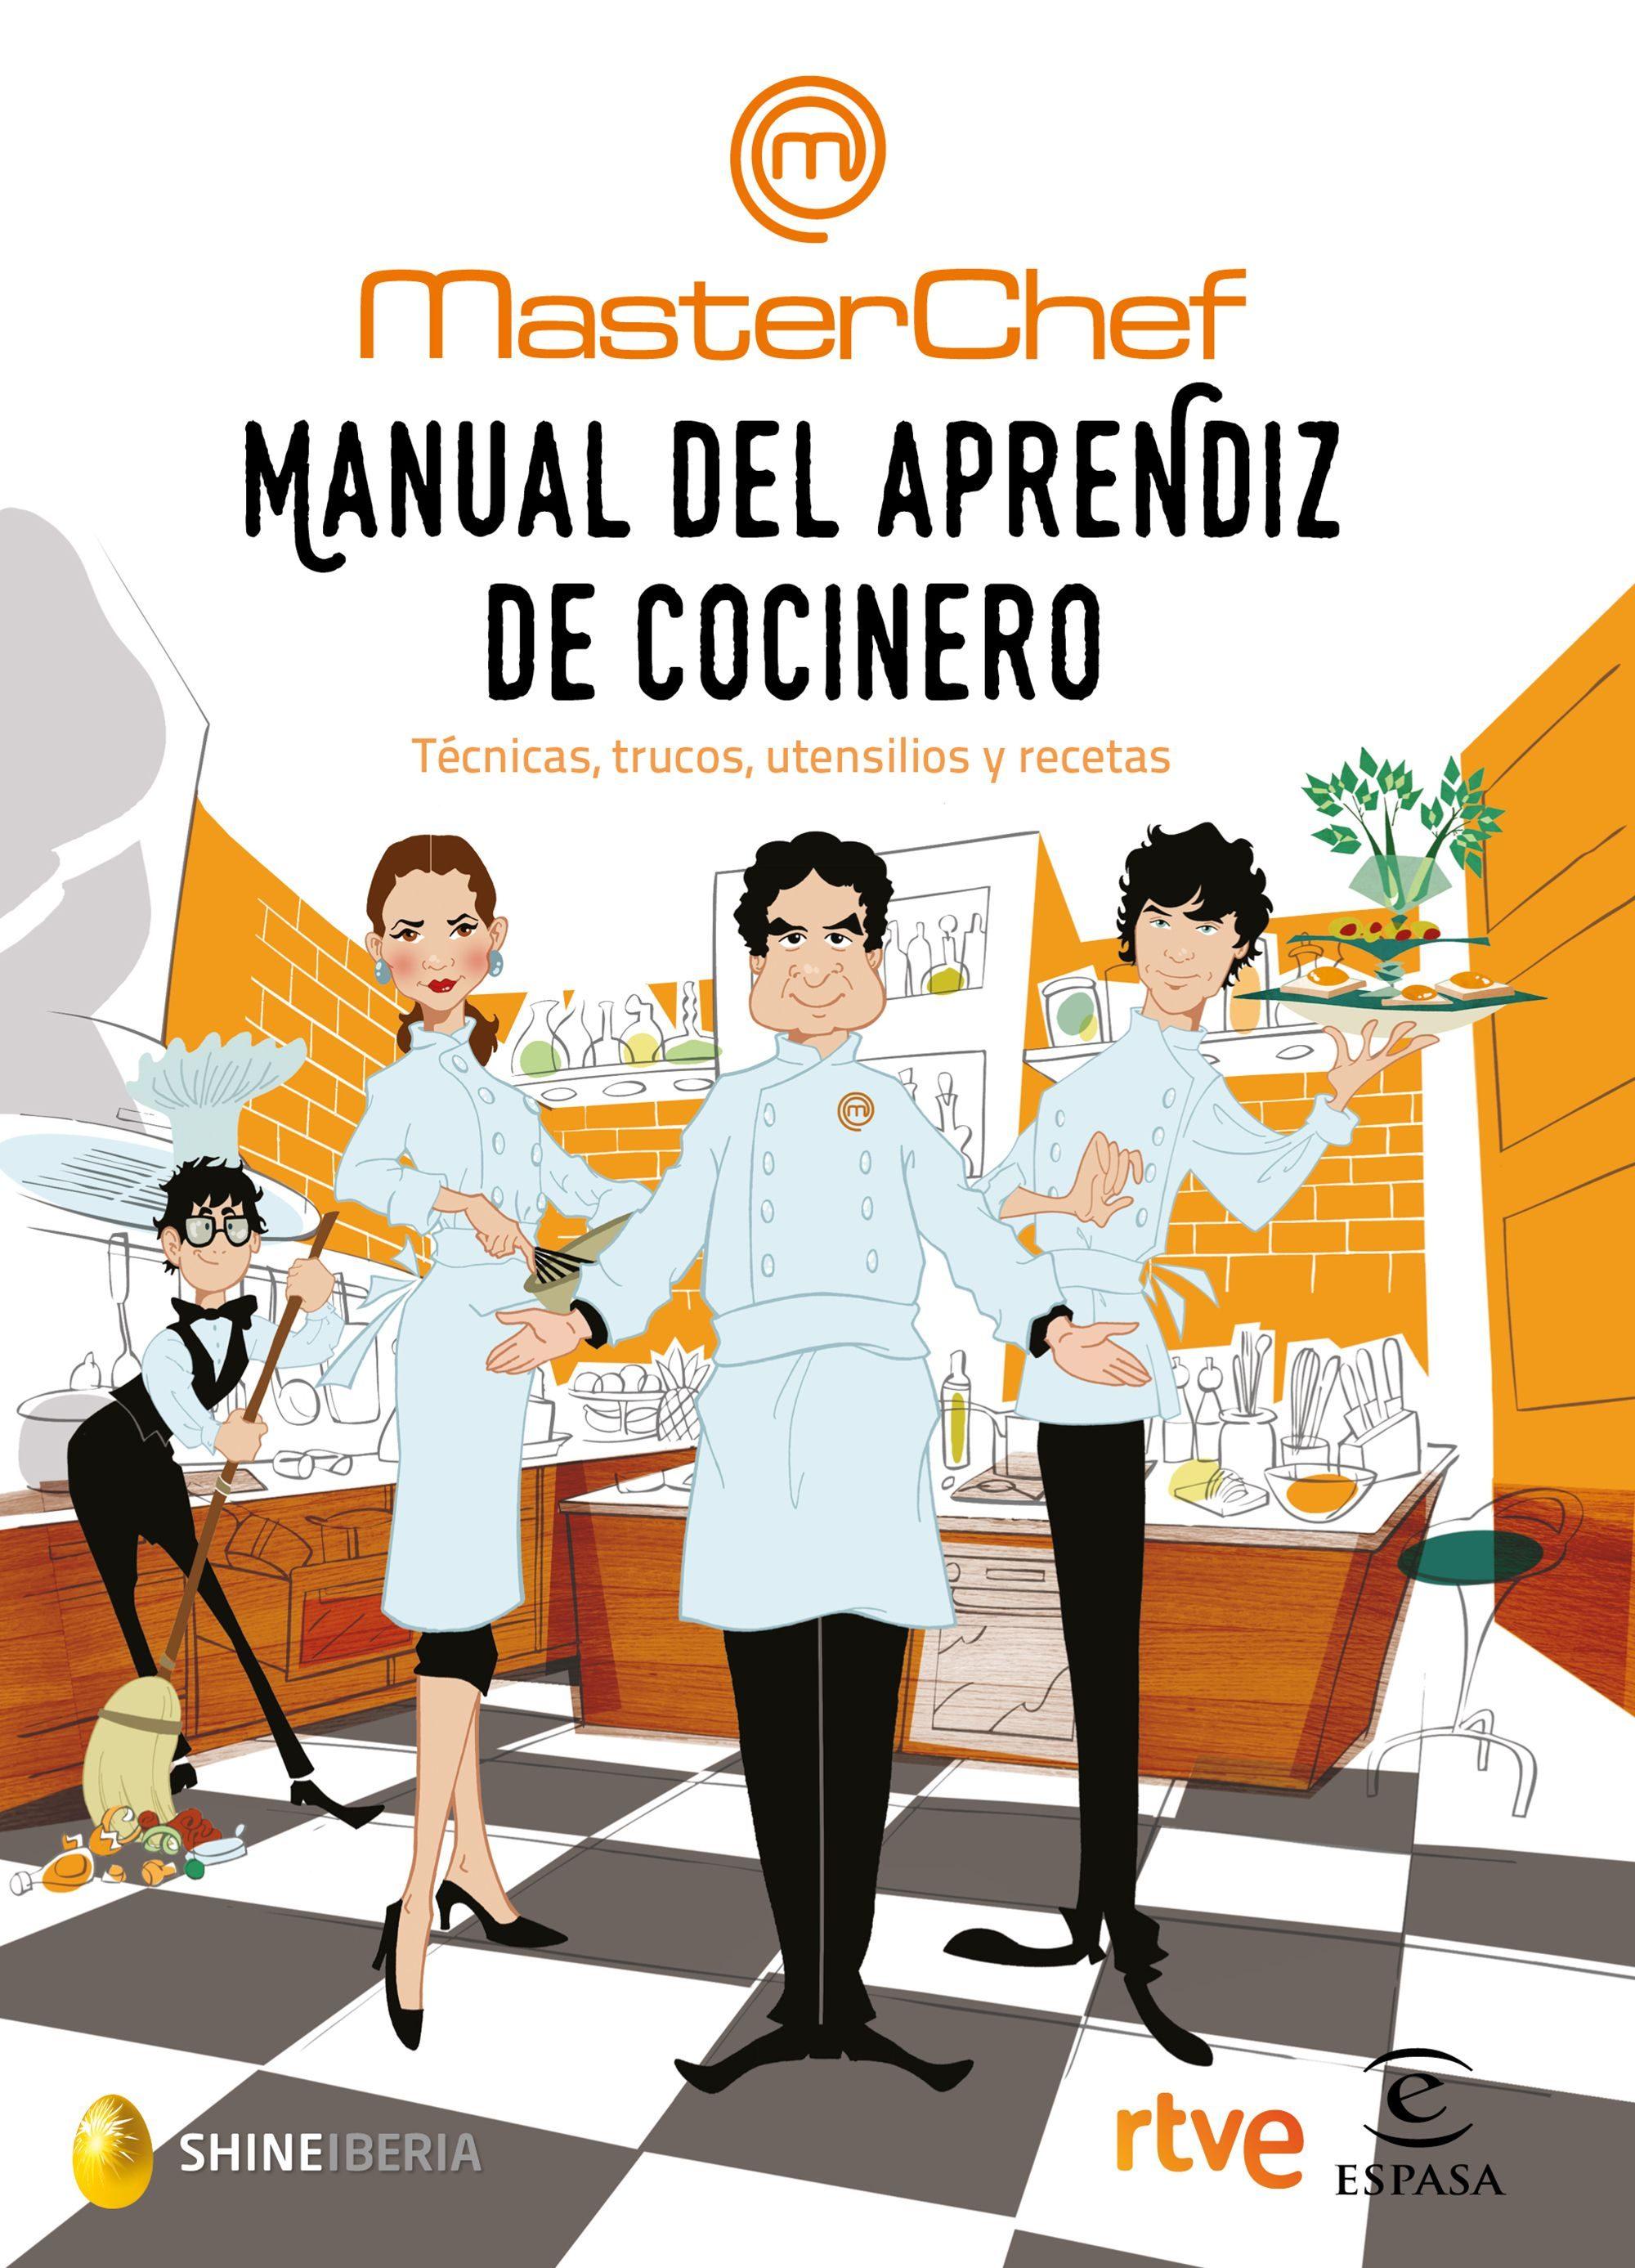 manual del aprendiz de cocinero: tecnicas, trucos, utensilios y recetas-9788467049459